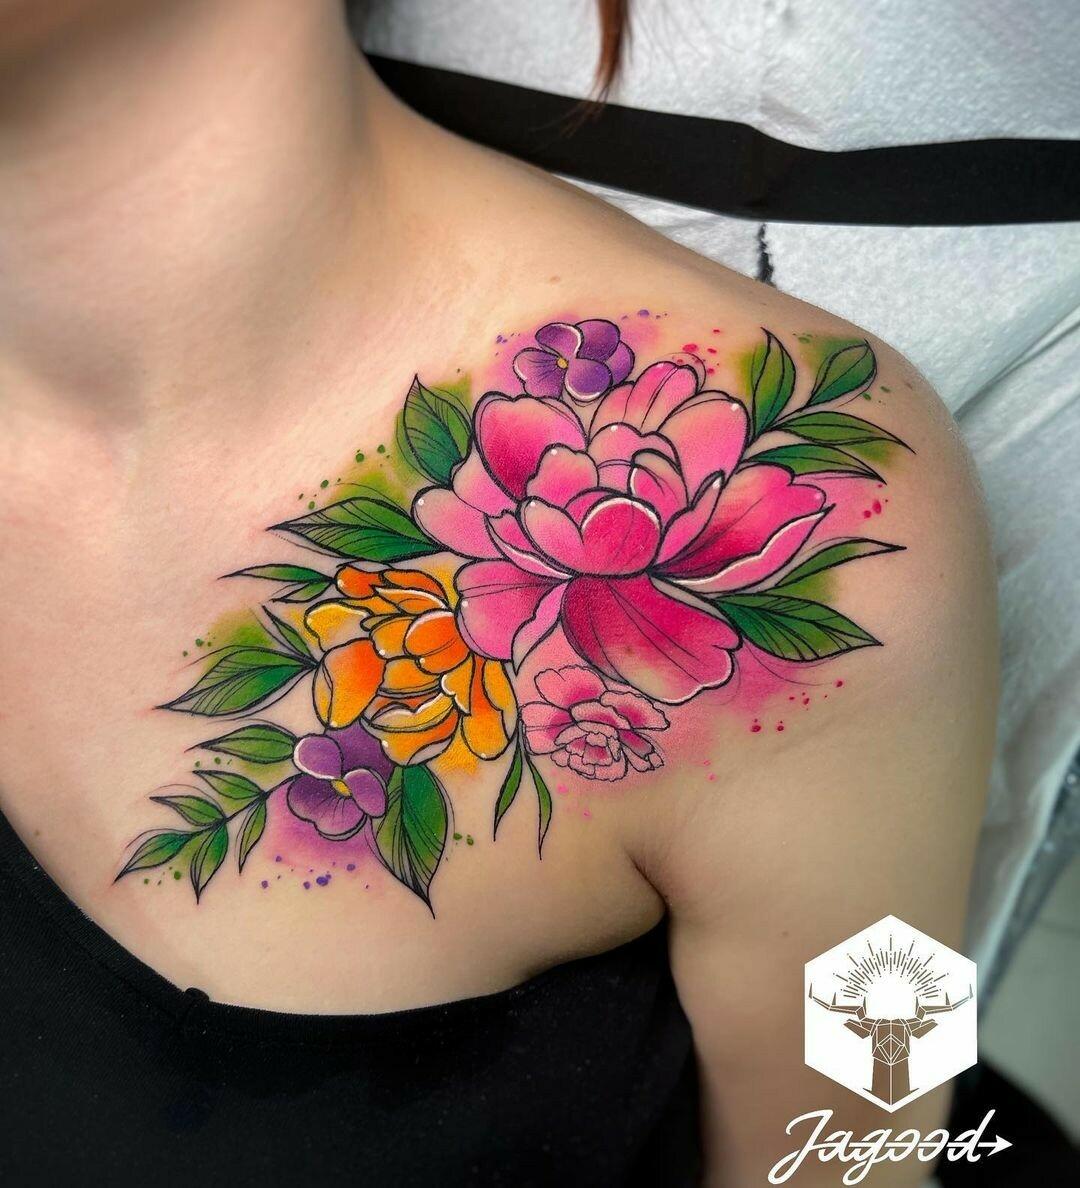 Inksearch tattoo Jagood